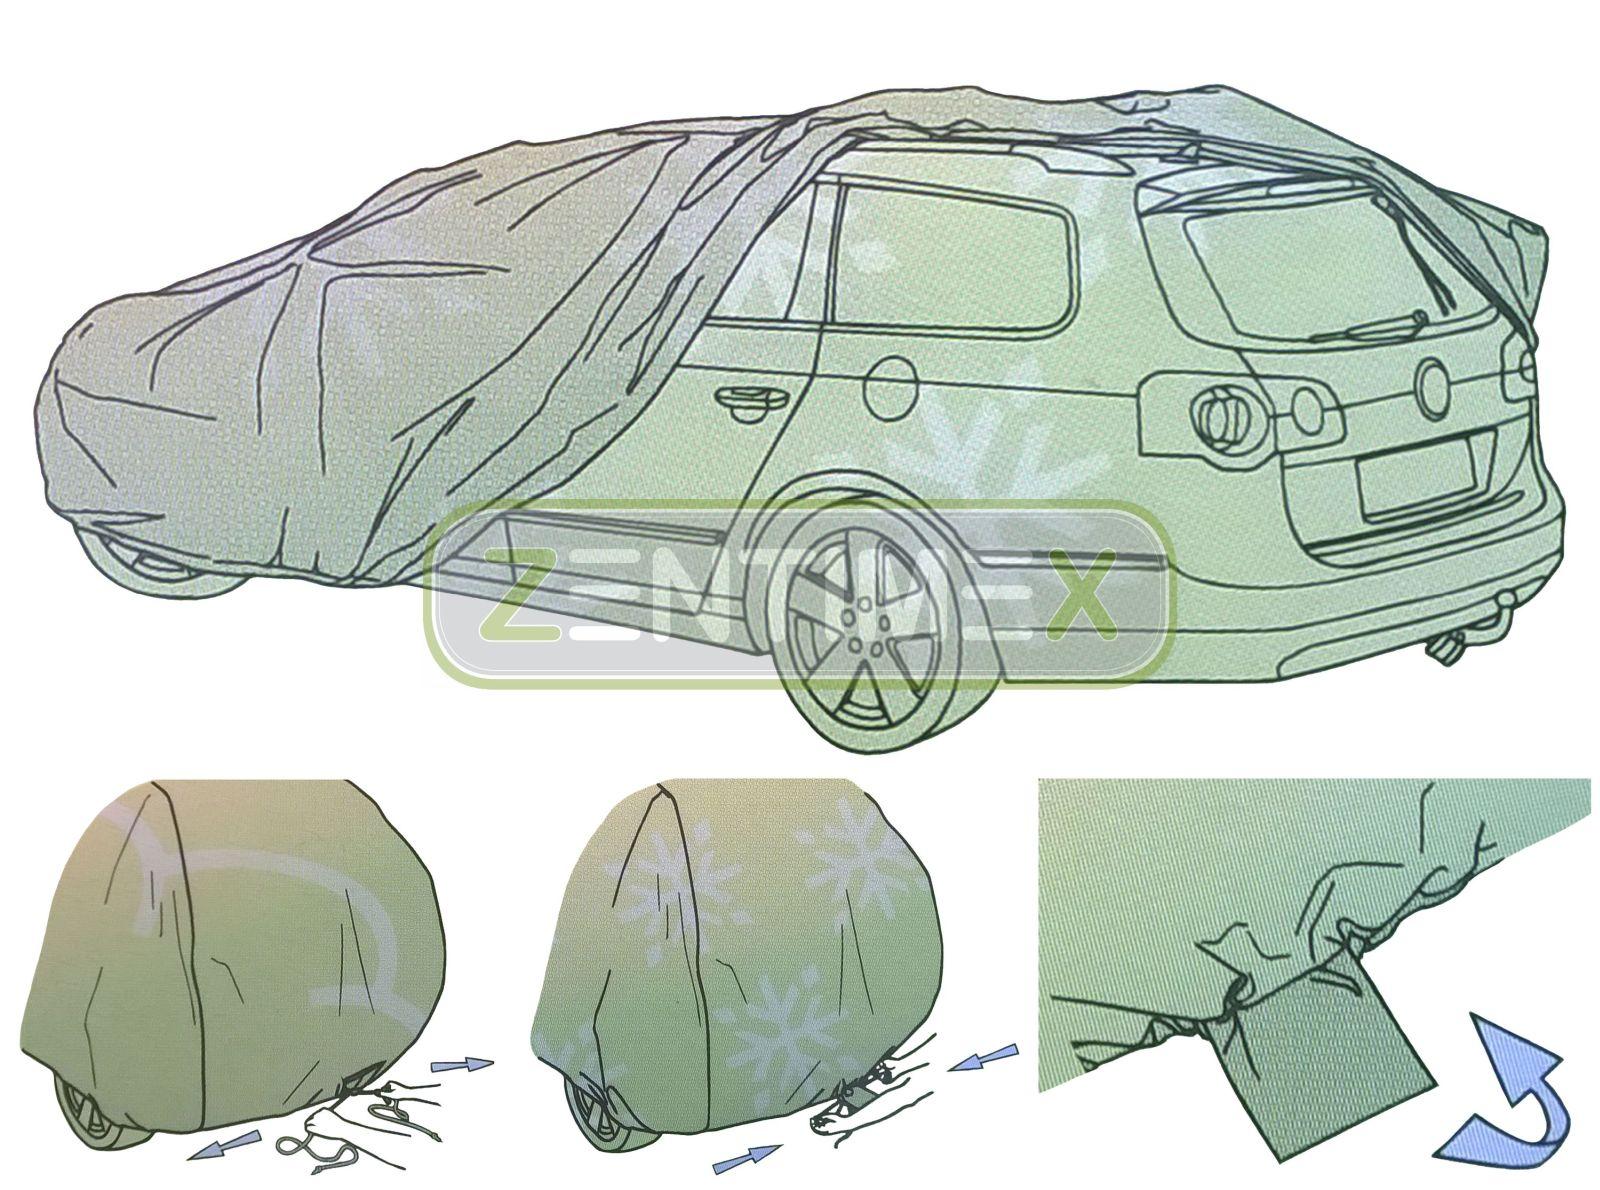 Heck-Windabweiser für Volkswagen VW Sharan 1 7M Facelift 2004-2010 Van Kombi 5tü